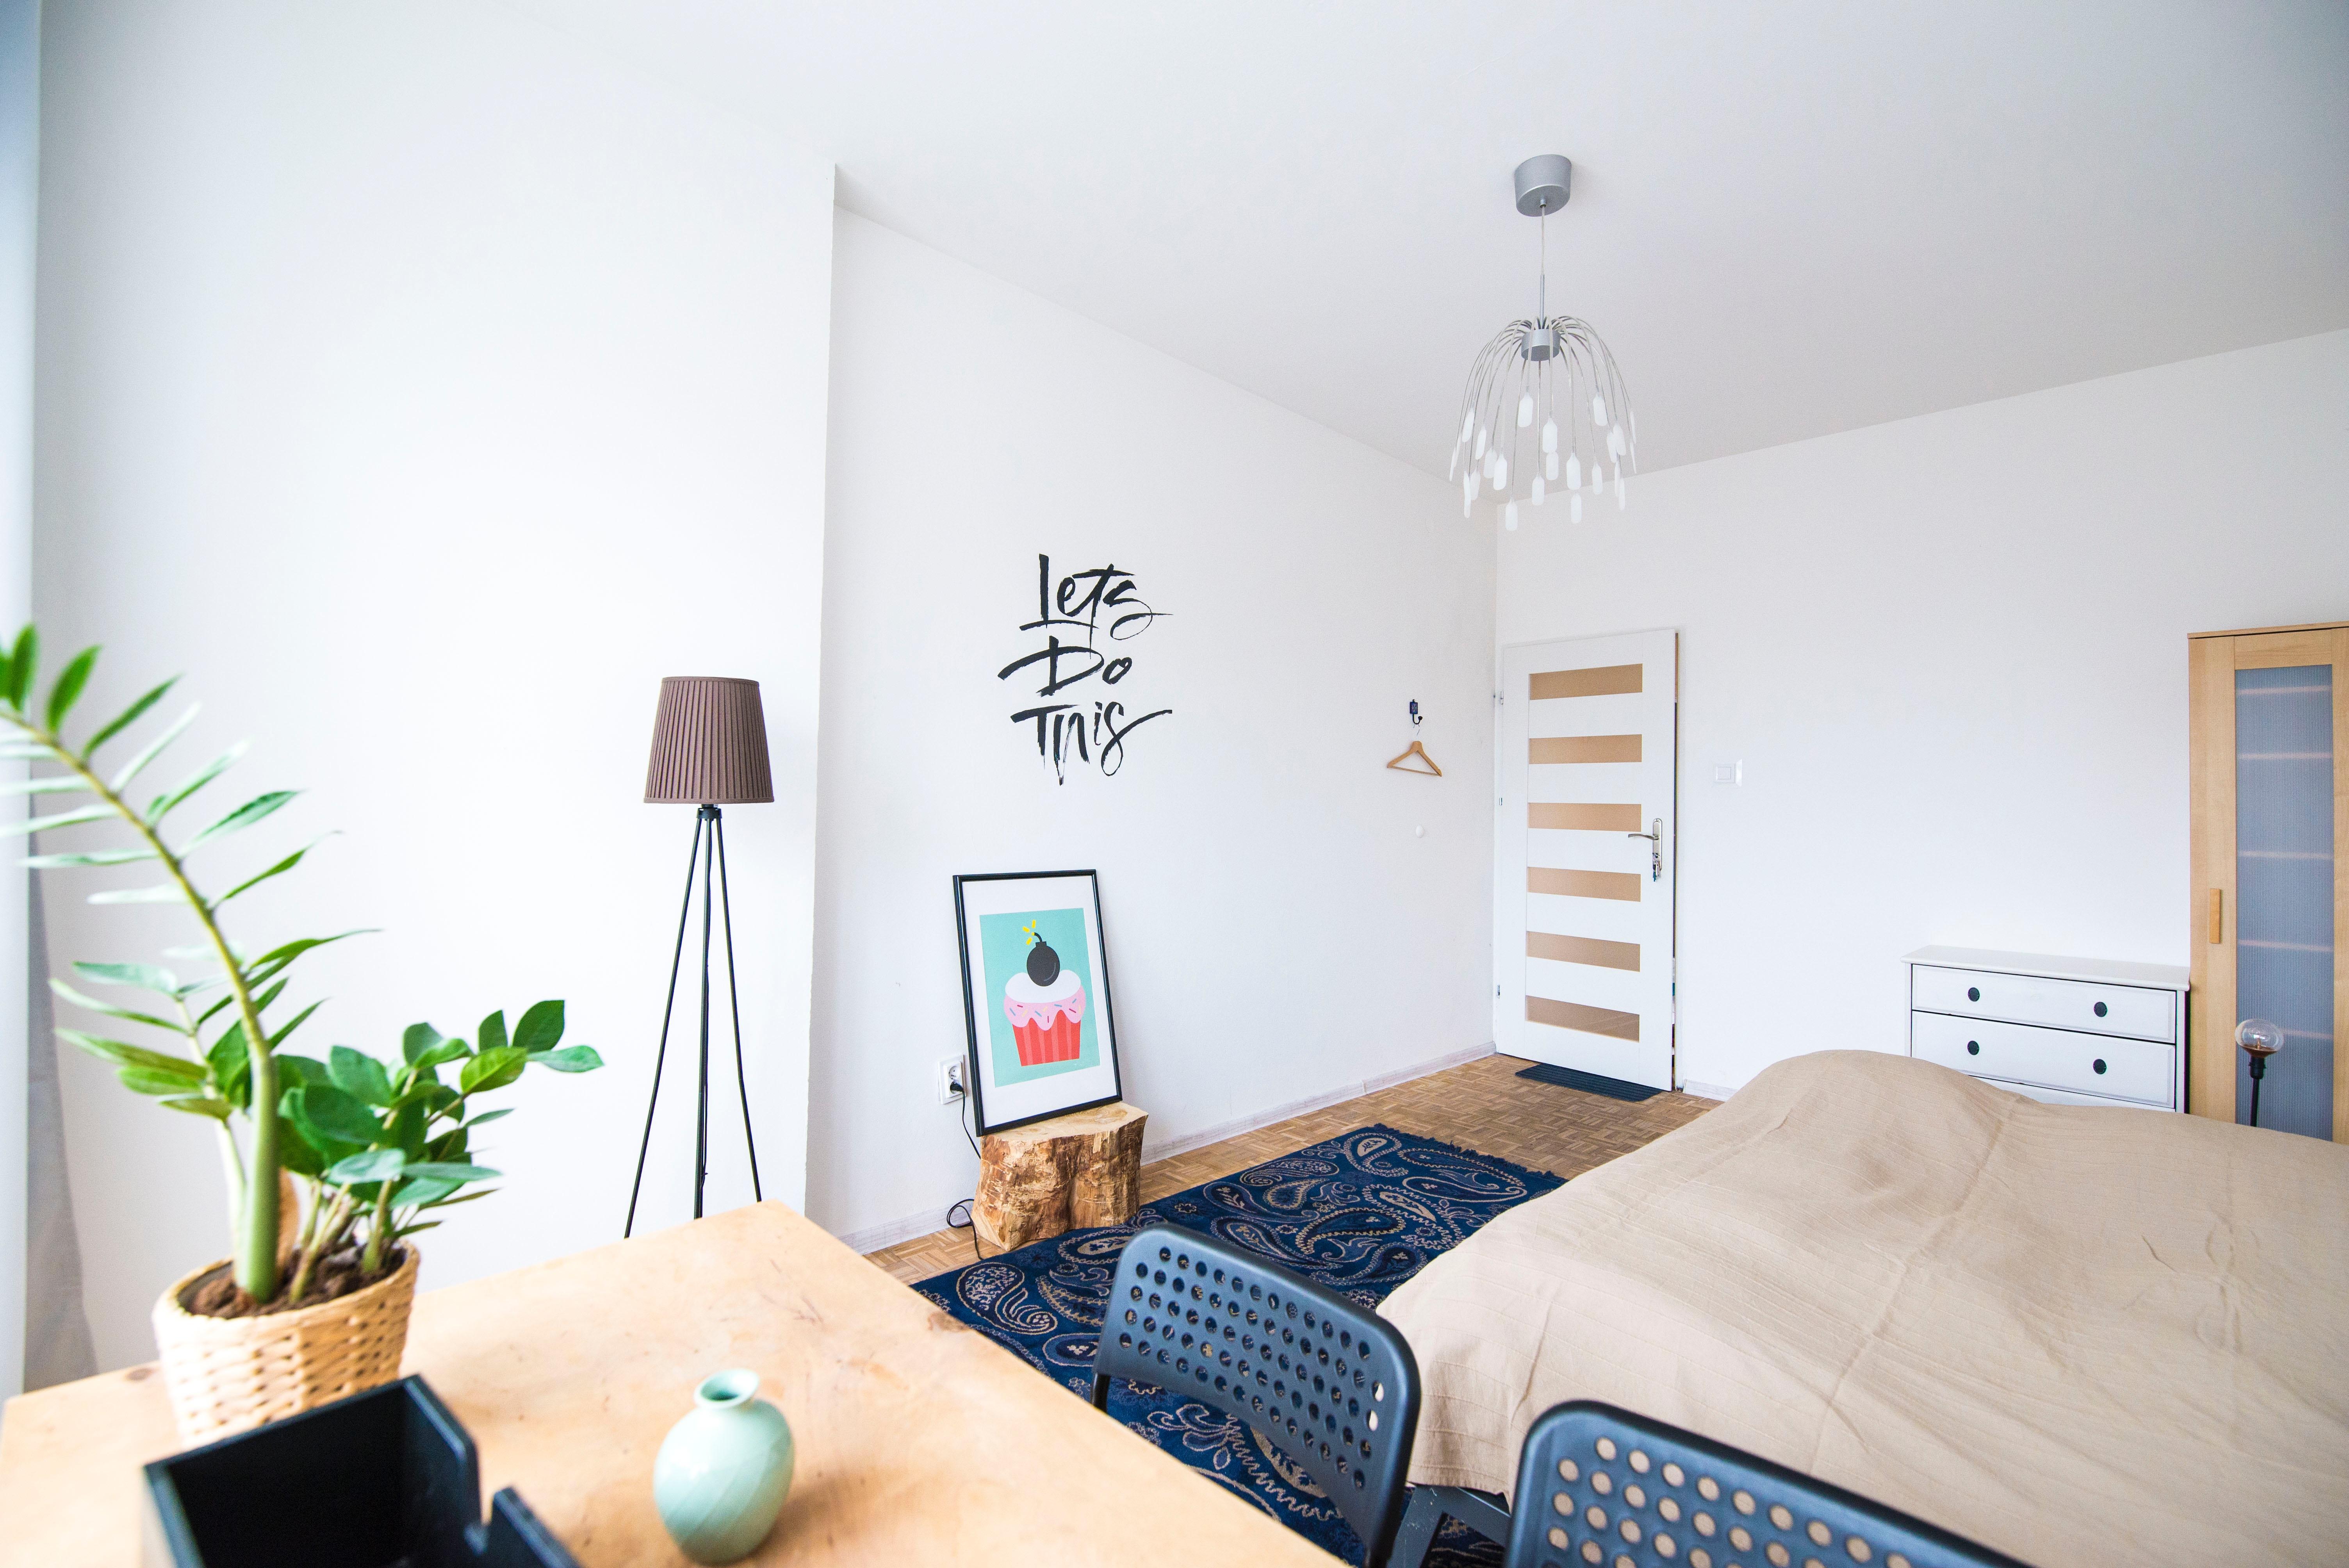 Comment bien choisir la peinture de sa chambre ?